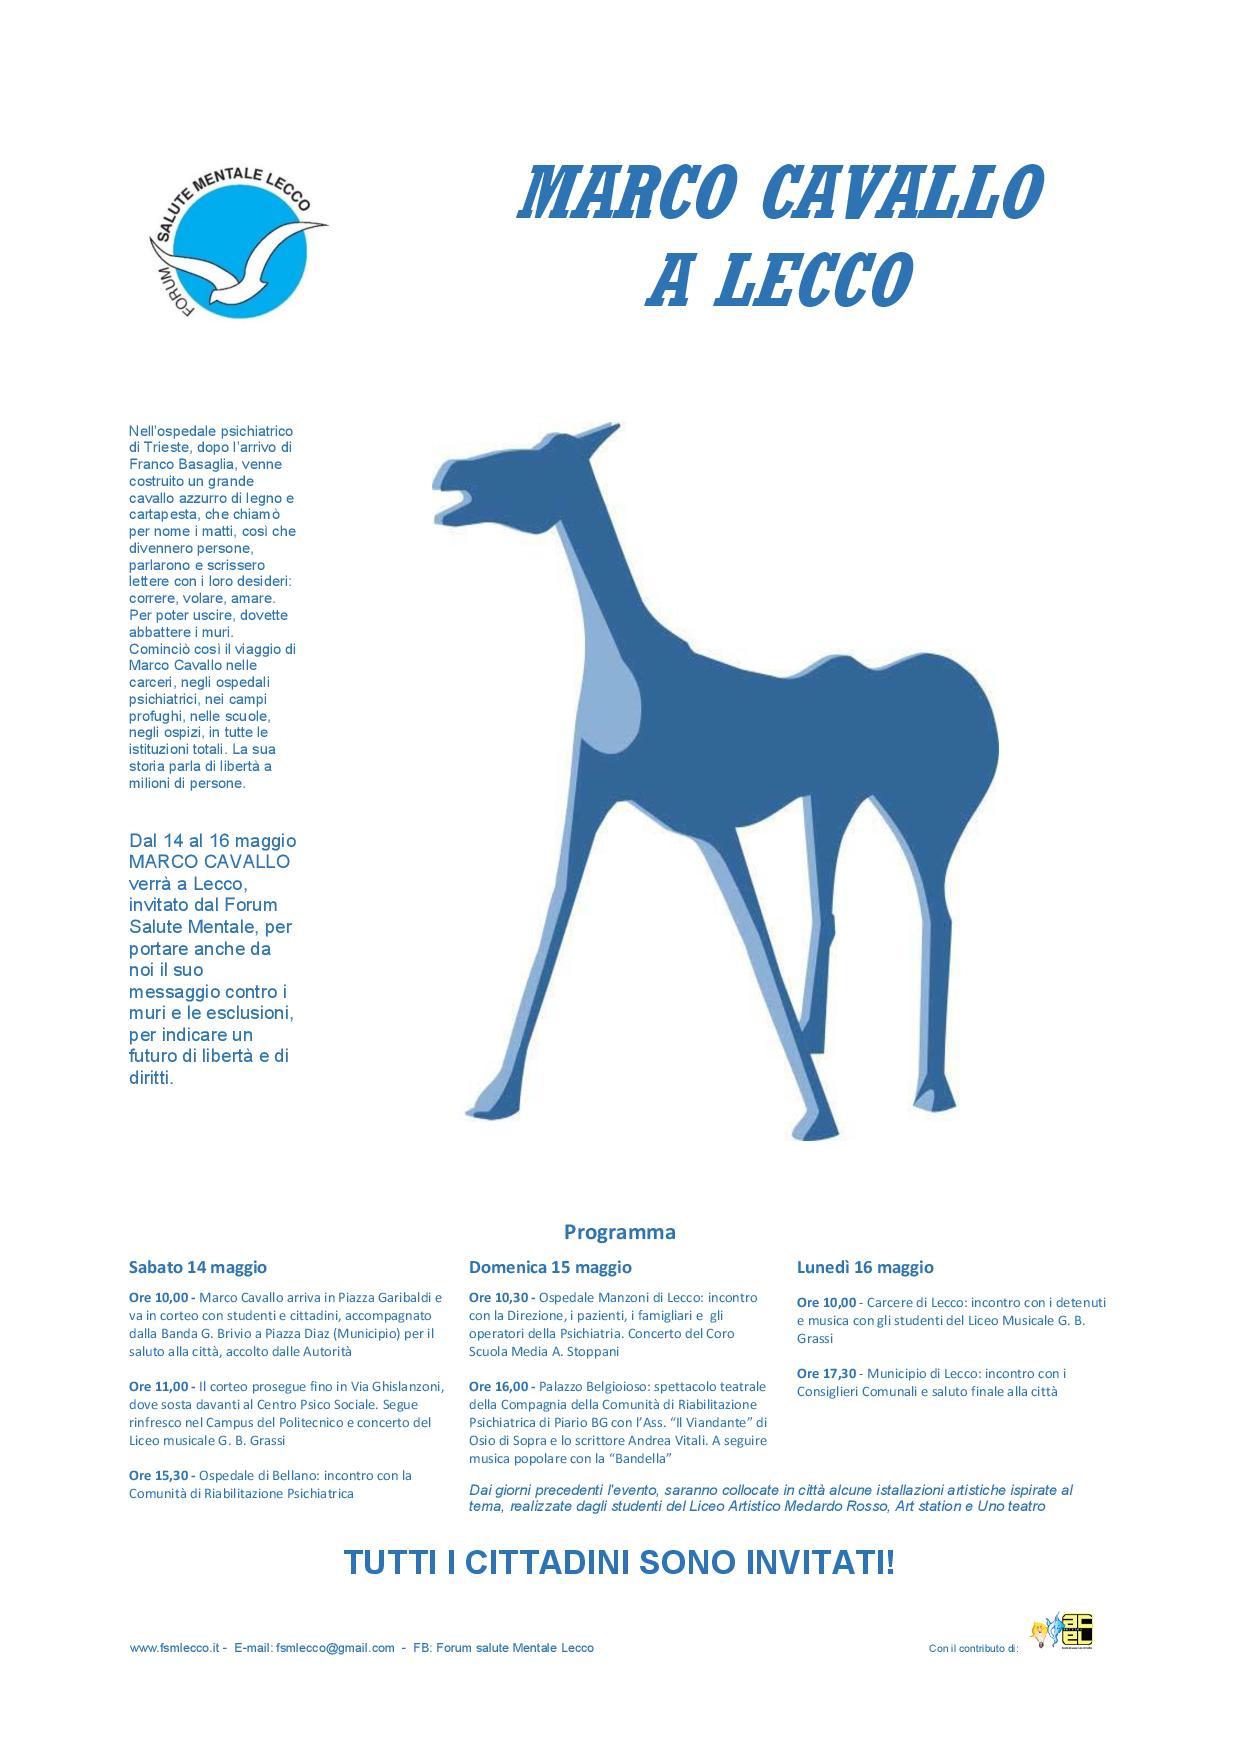 Locandina Marco Cavallo a Lecco G A